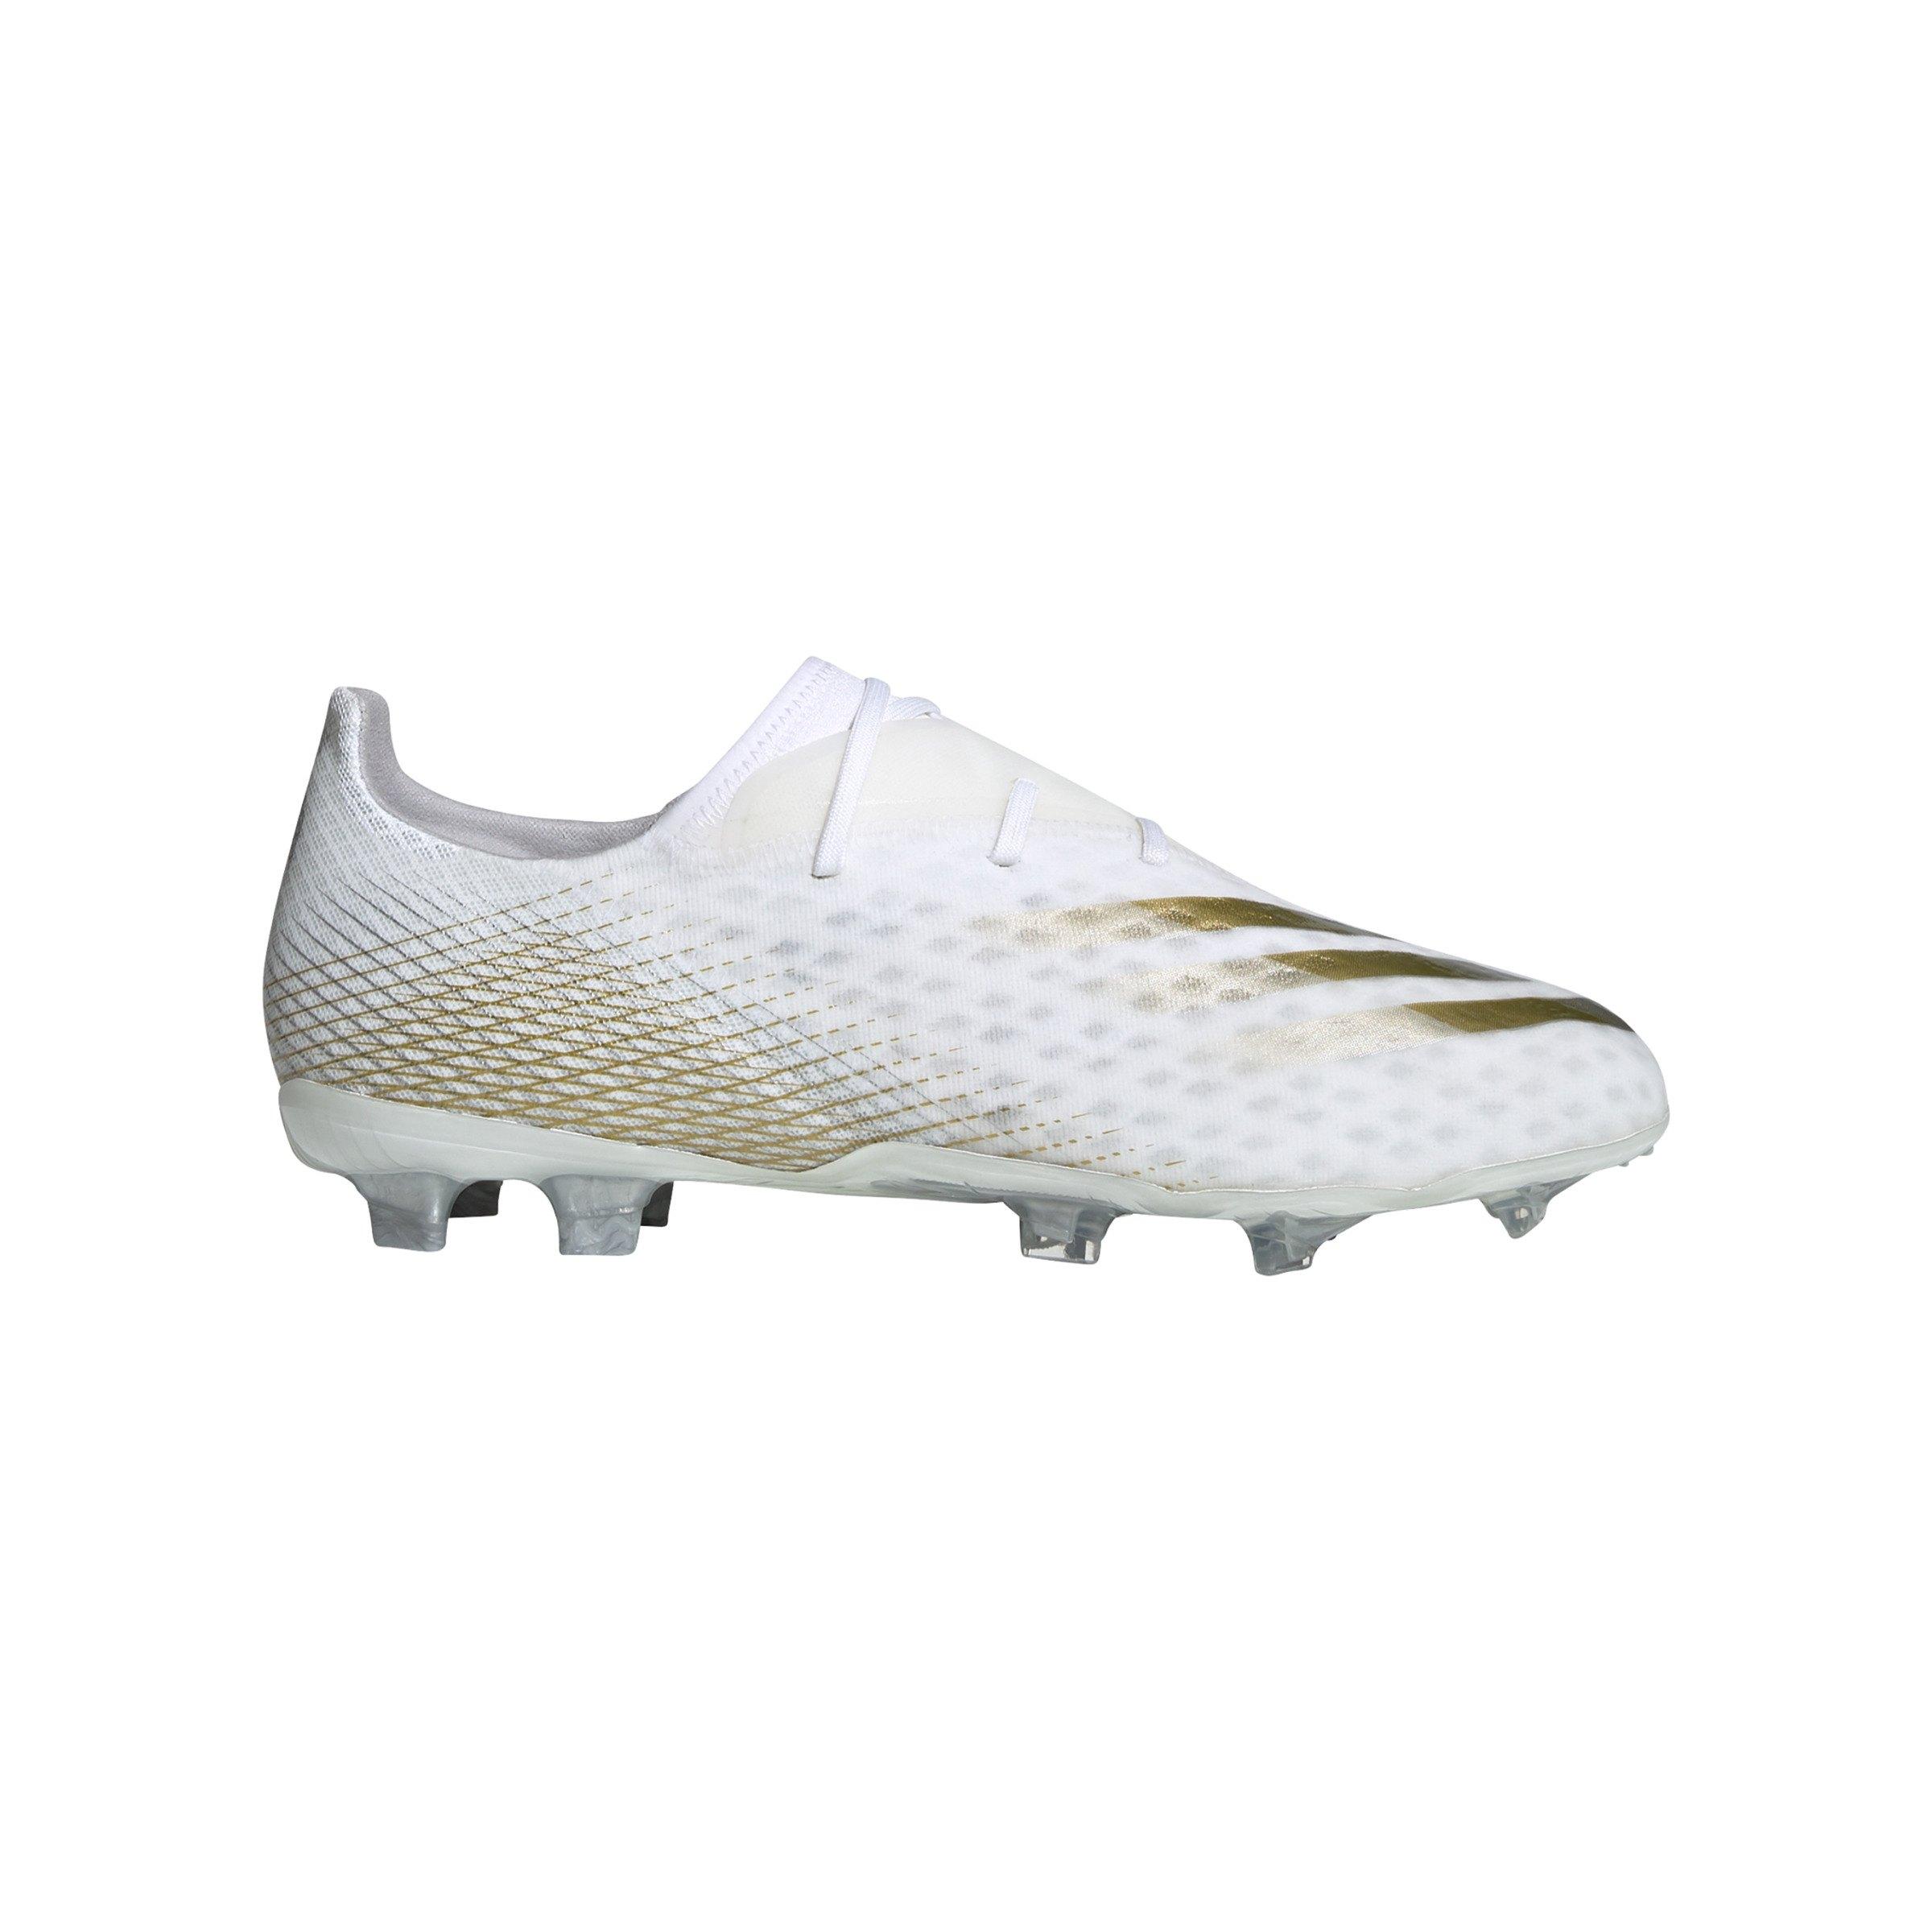 adidas X GHOSTED.2 FG Inflight Weiss Gold Schwarz - weiss